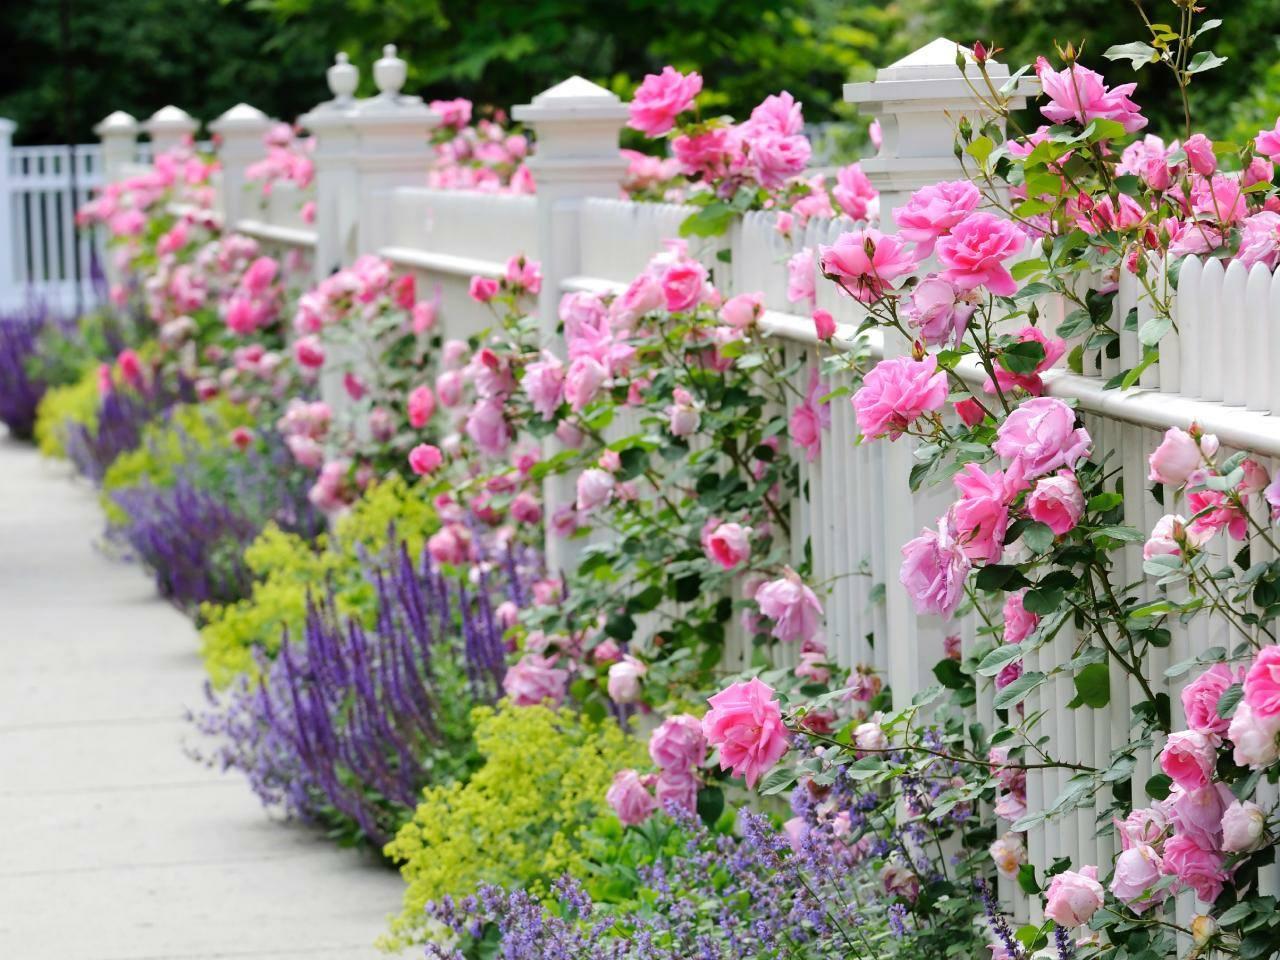 Der weiße Zaun mit Rosen, Katzenminze, Frauenmantel und Salbei